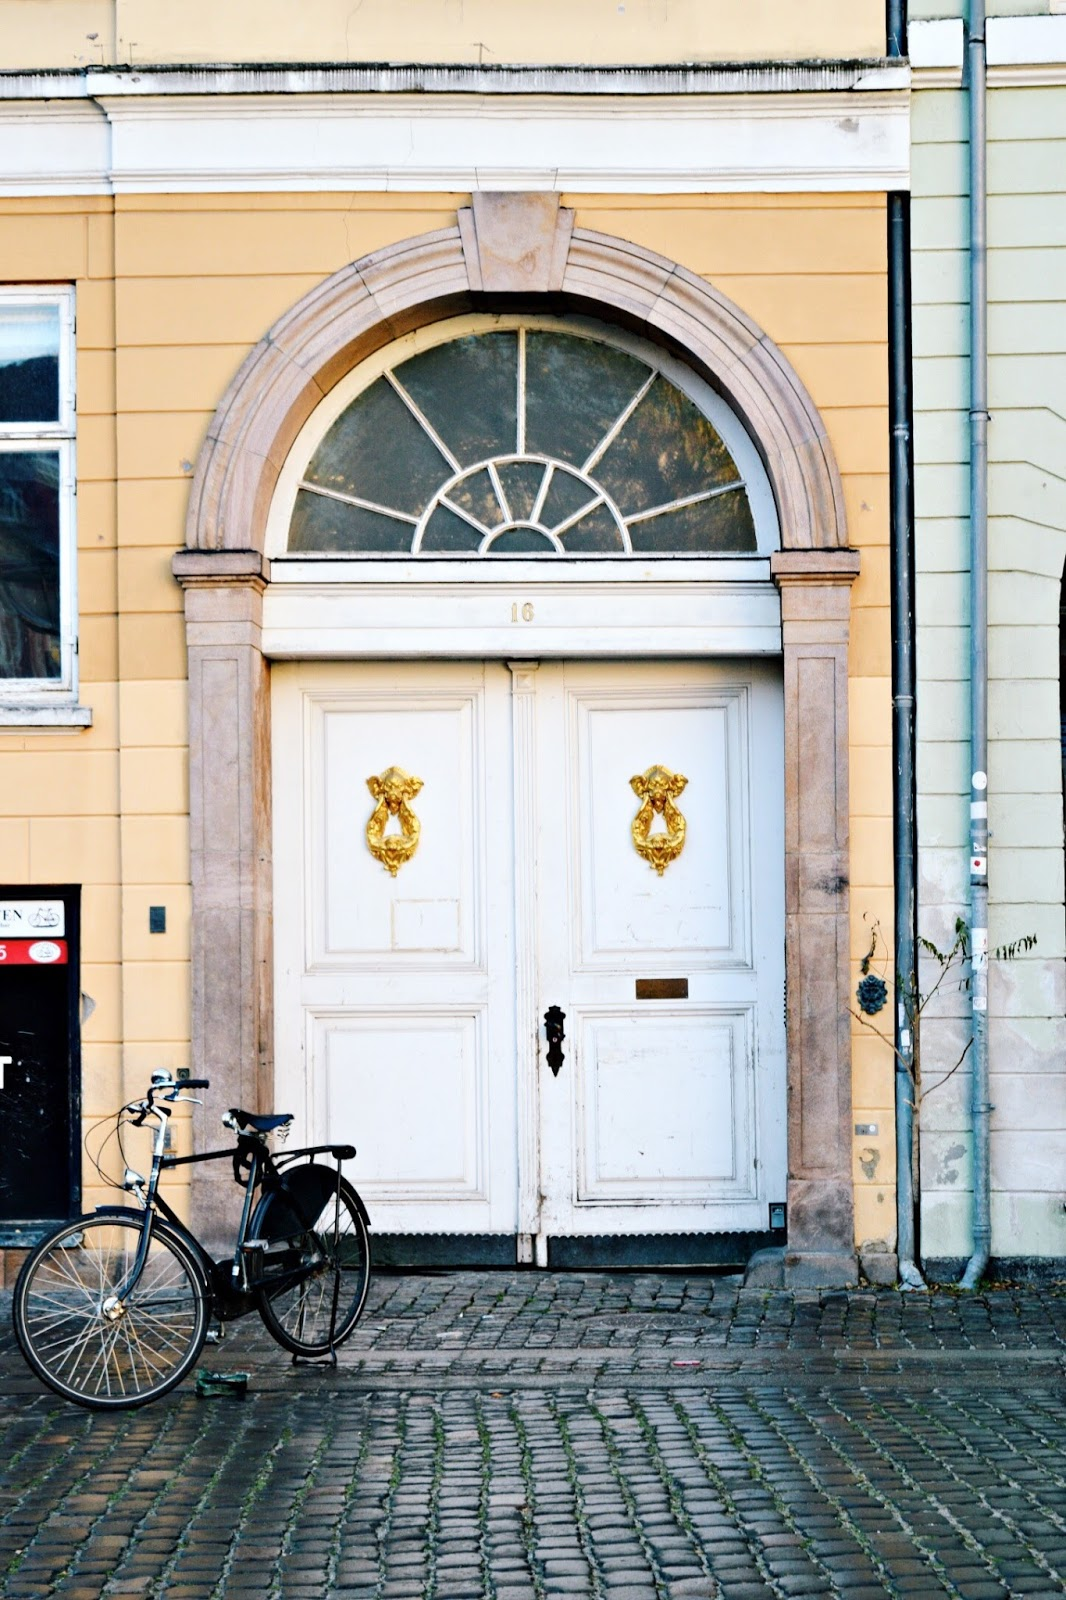 24 hours in copenhagen guide